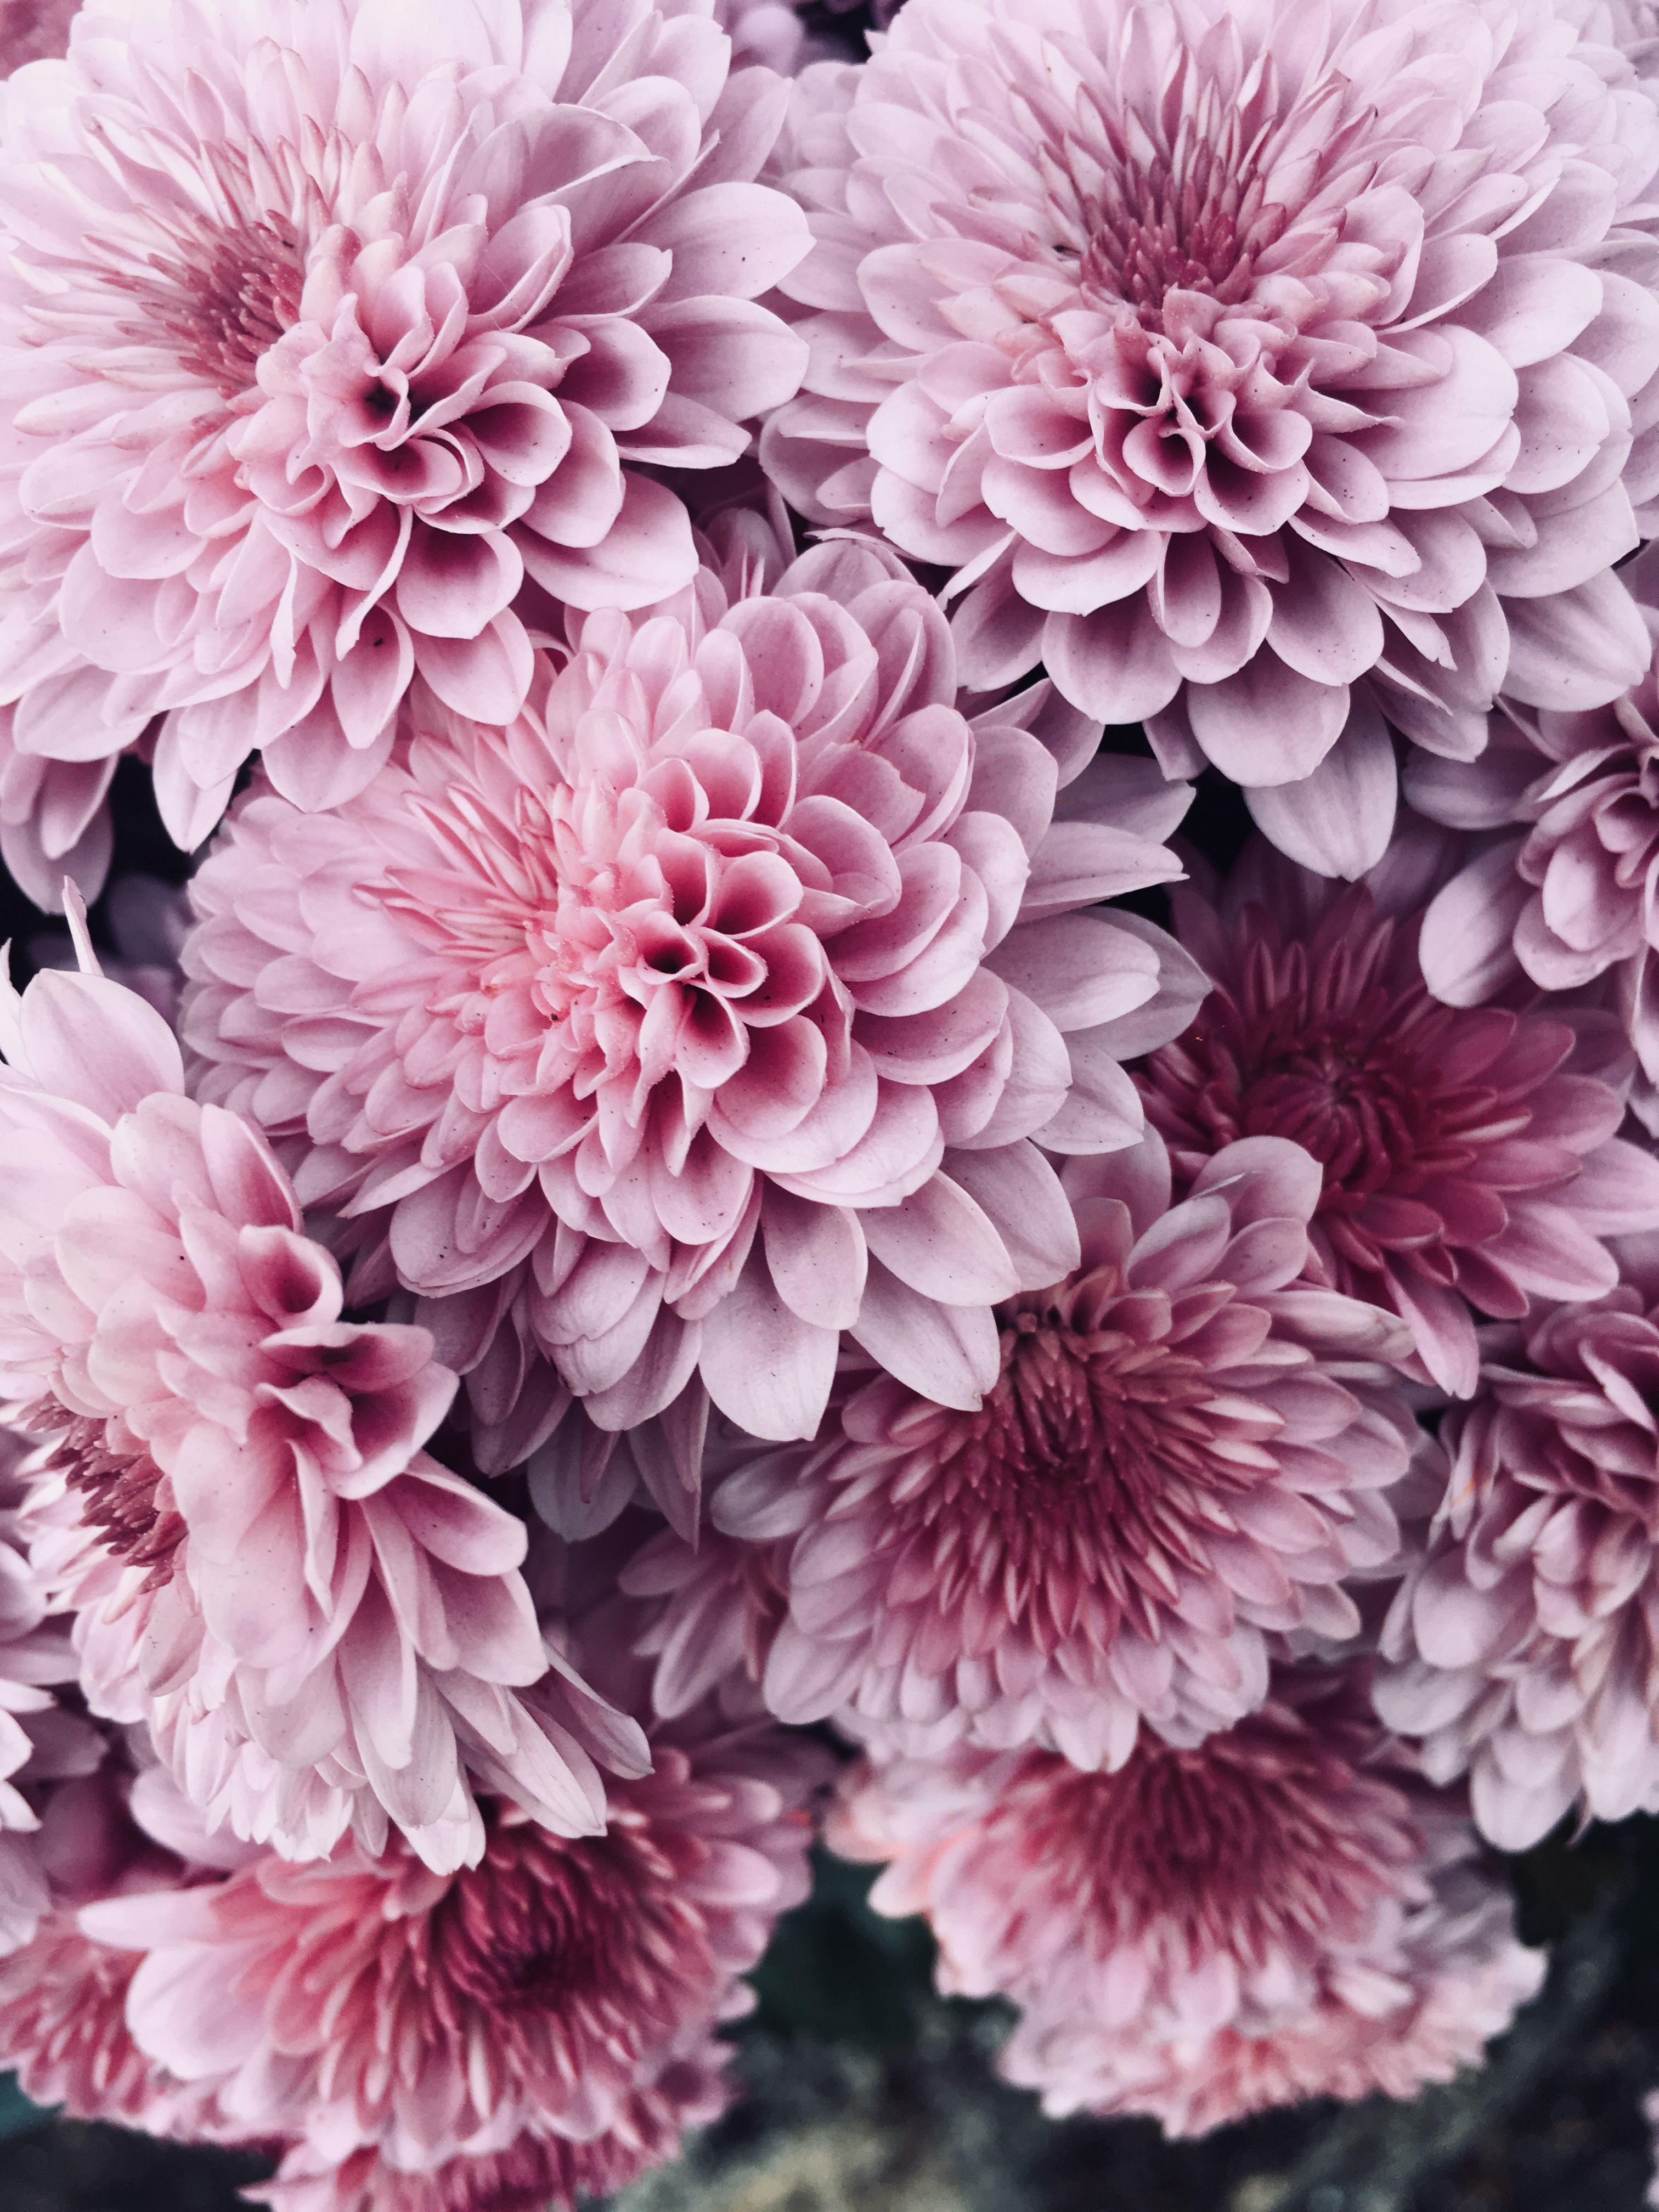 Pink flowers background Pink flowers background, Flower